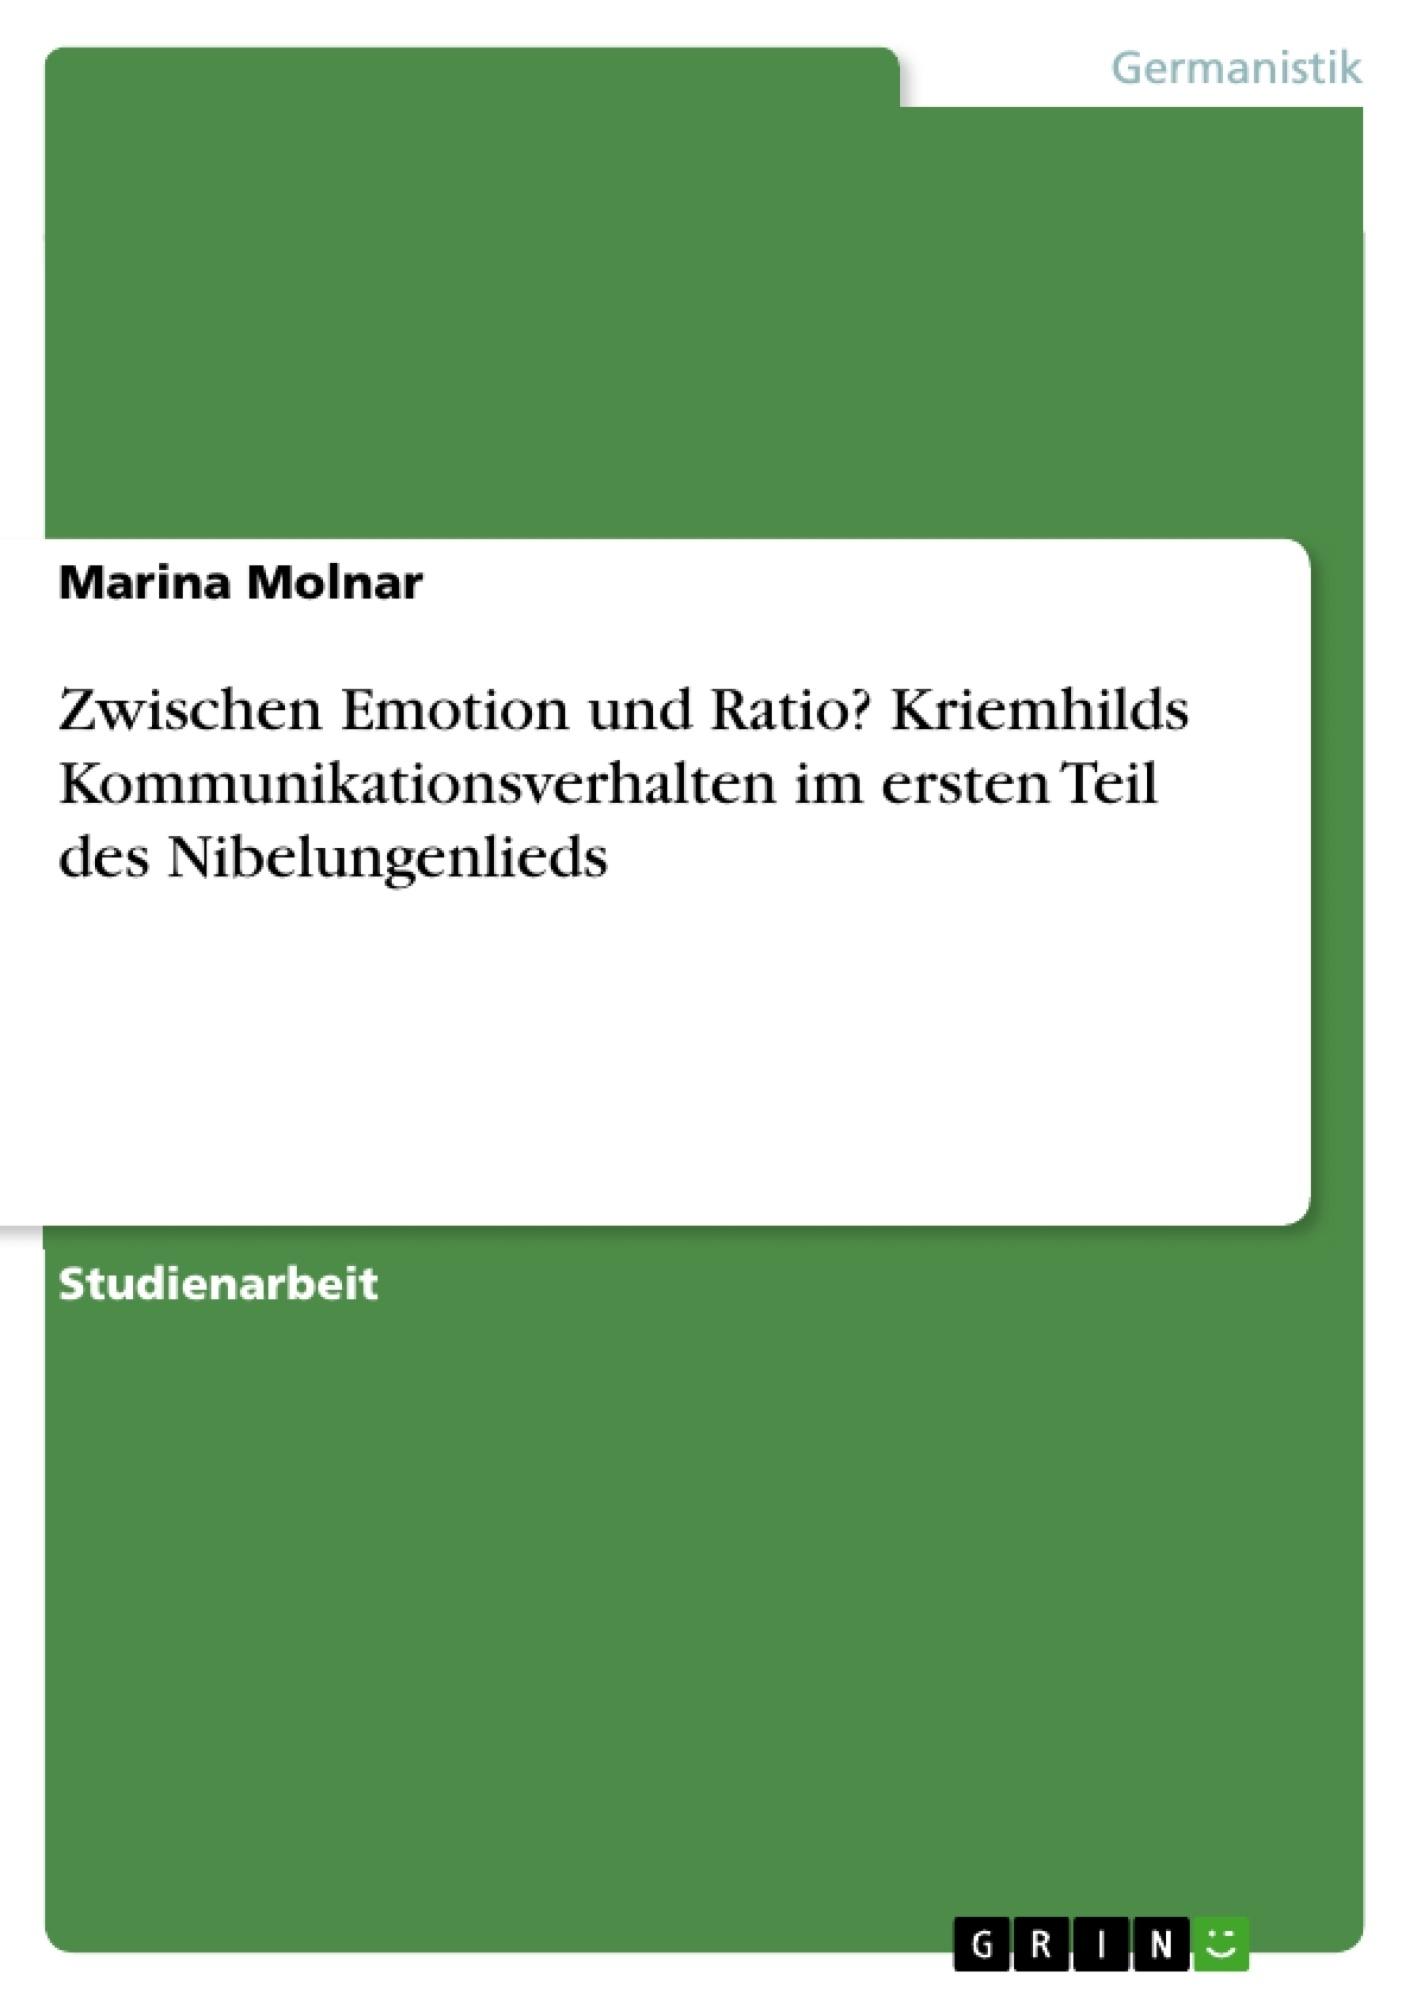 Titel: Zwischen Emotion und Ratio? Kriemhilds Kommunikationsverhalten im ersten Teil des Nibelungenlieds